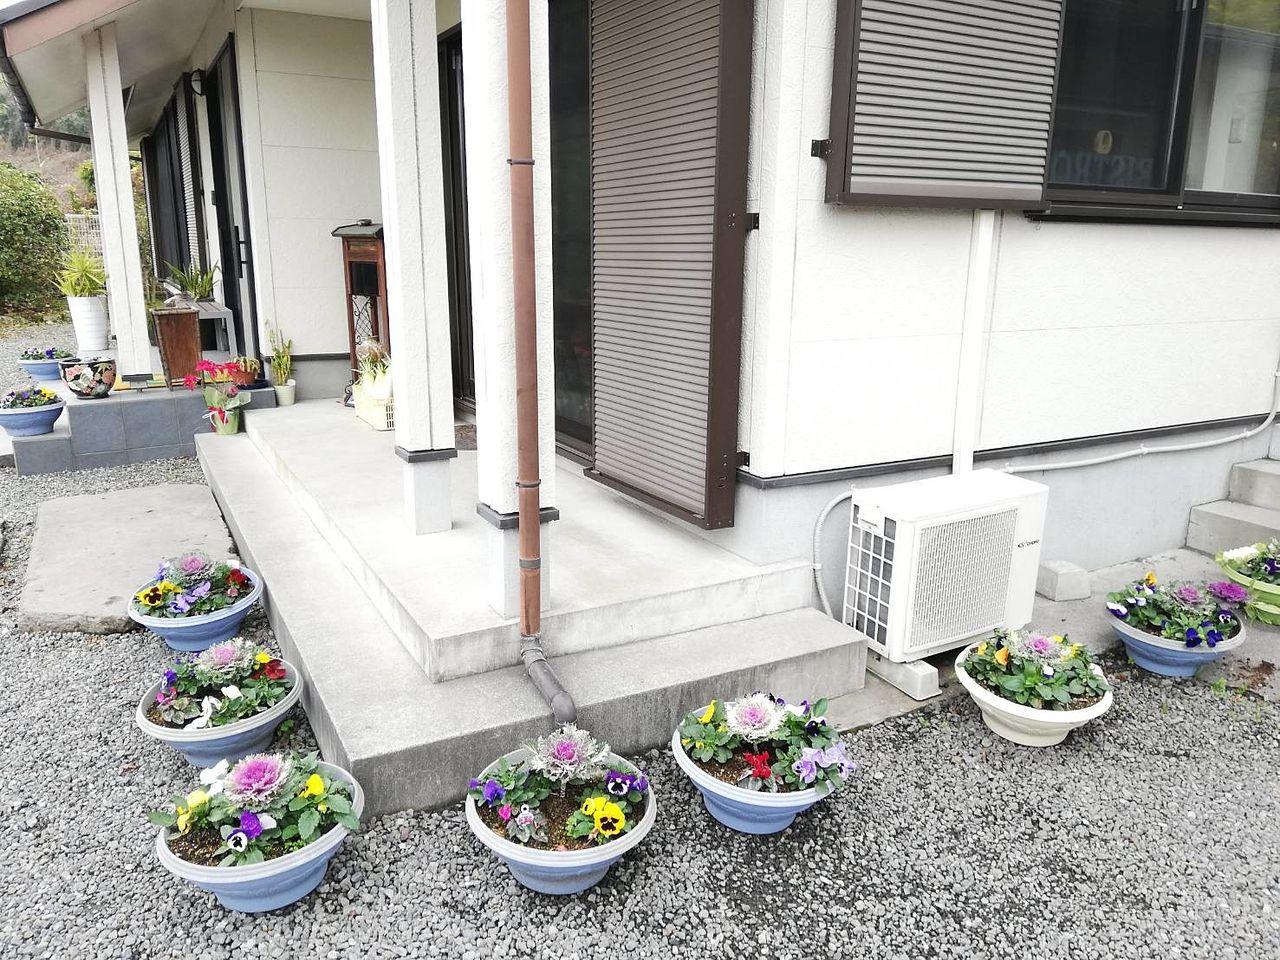 霧島市隼人町小浜「KITCHEN Q」キッチンキューにはお花が置いてあり綺麗です。